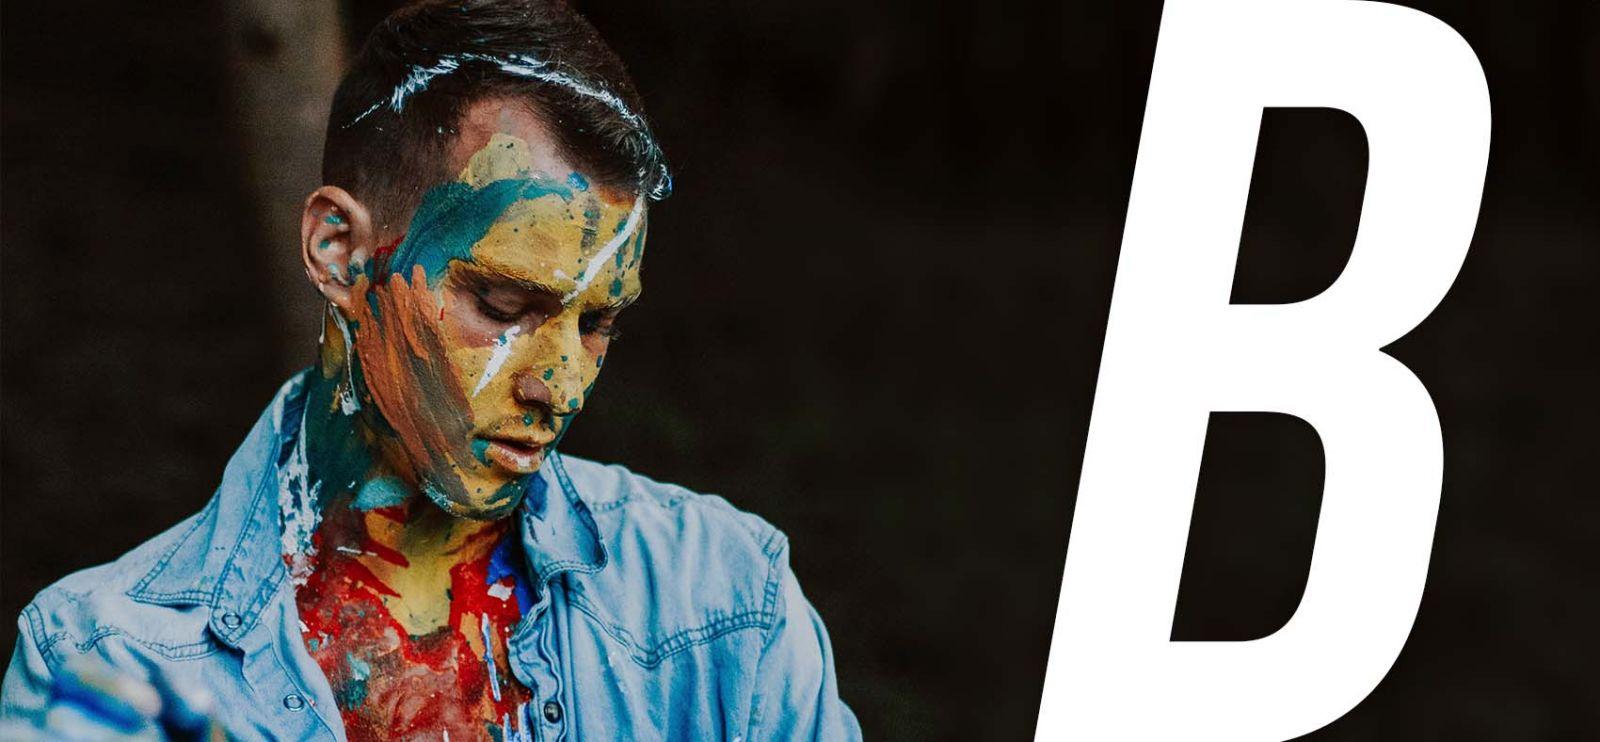 Csukott szemű és festékkel összekent arcú fiatal férfi.